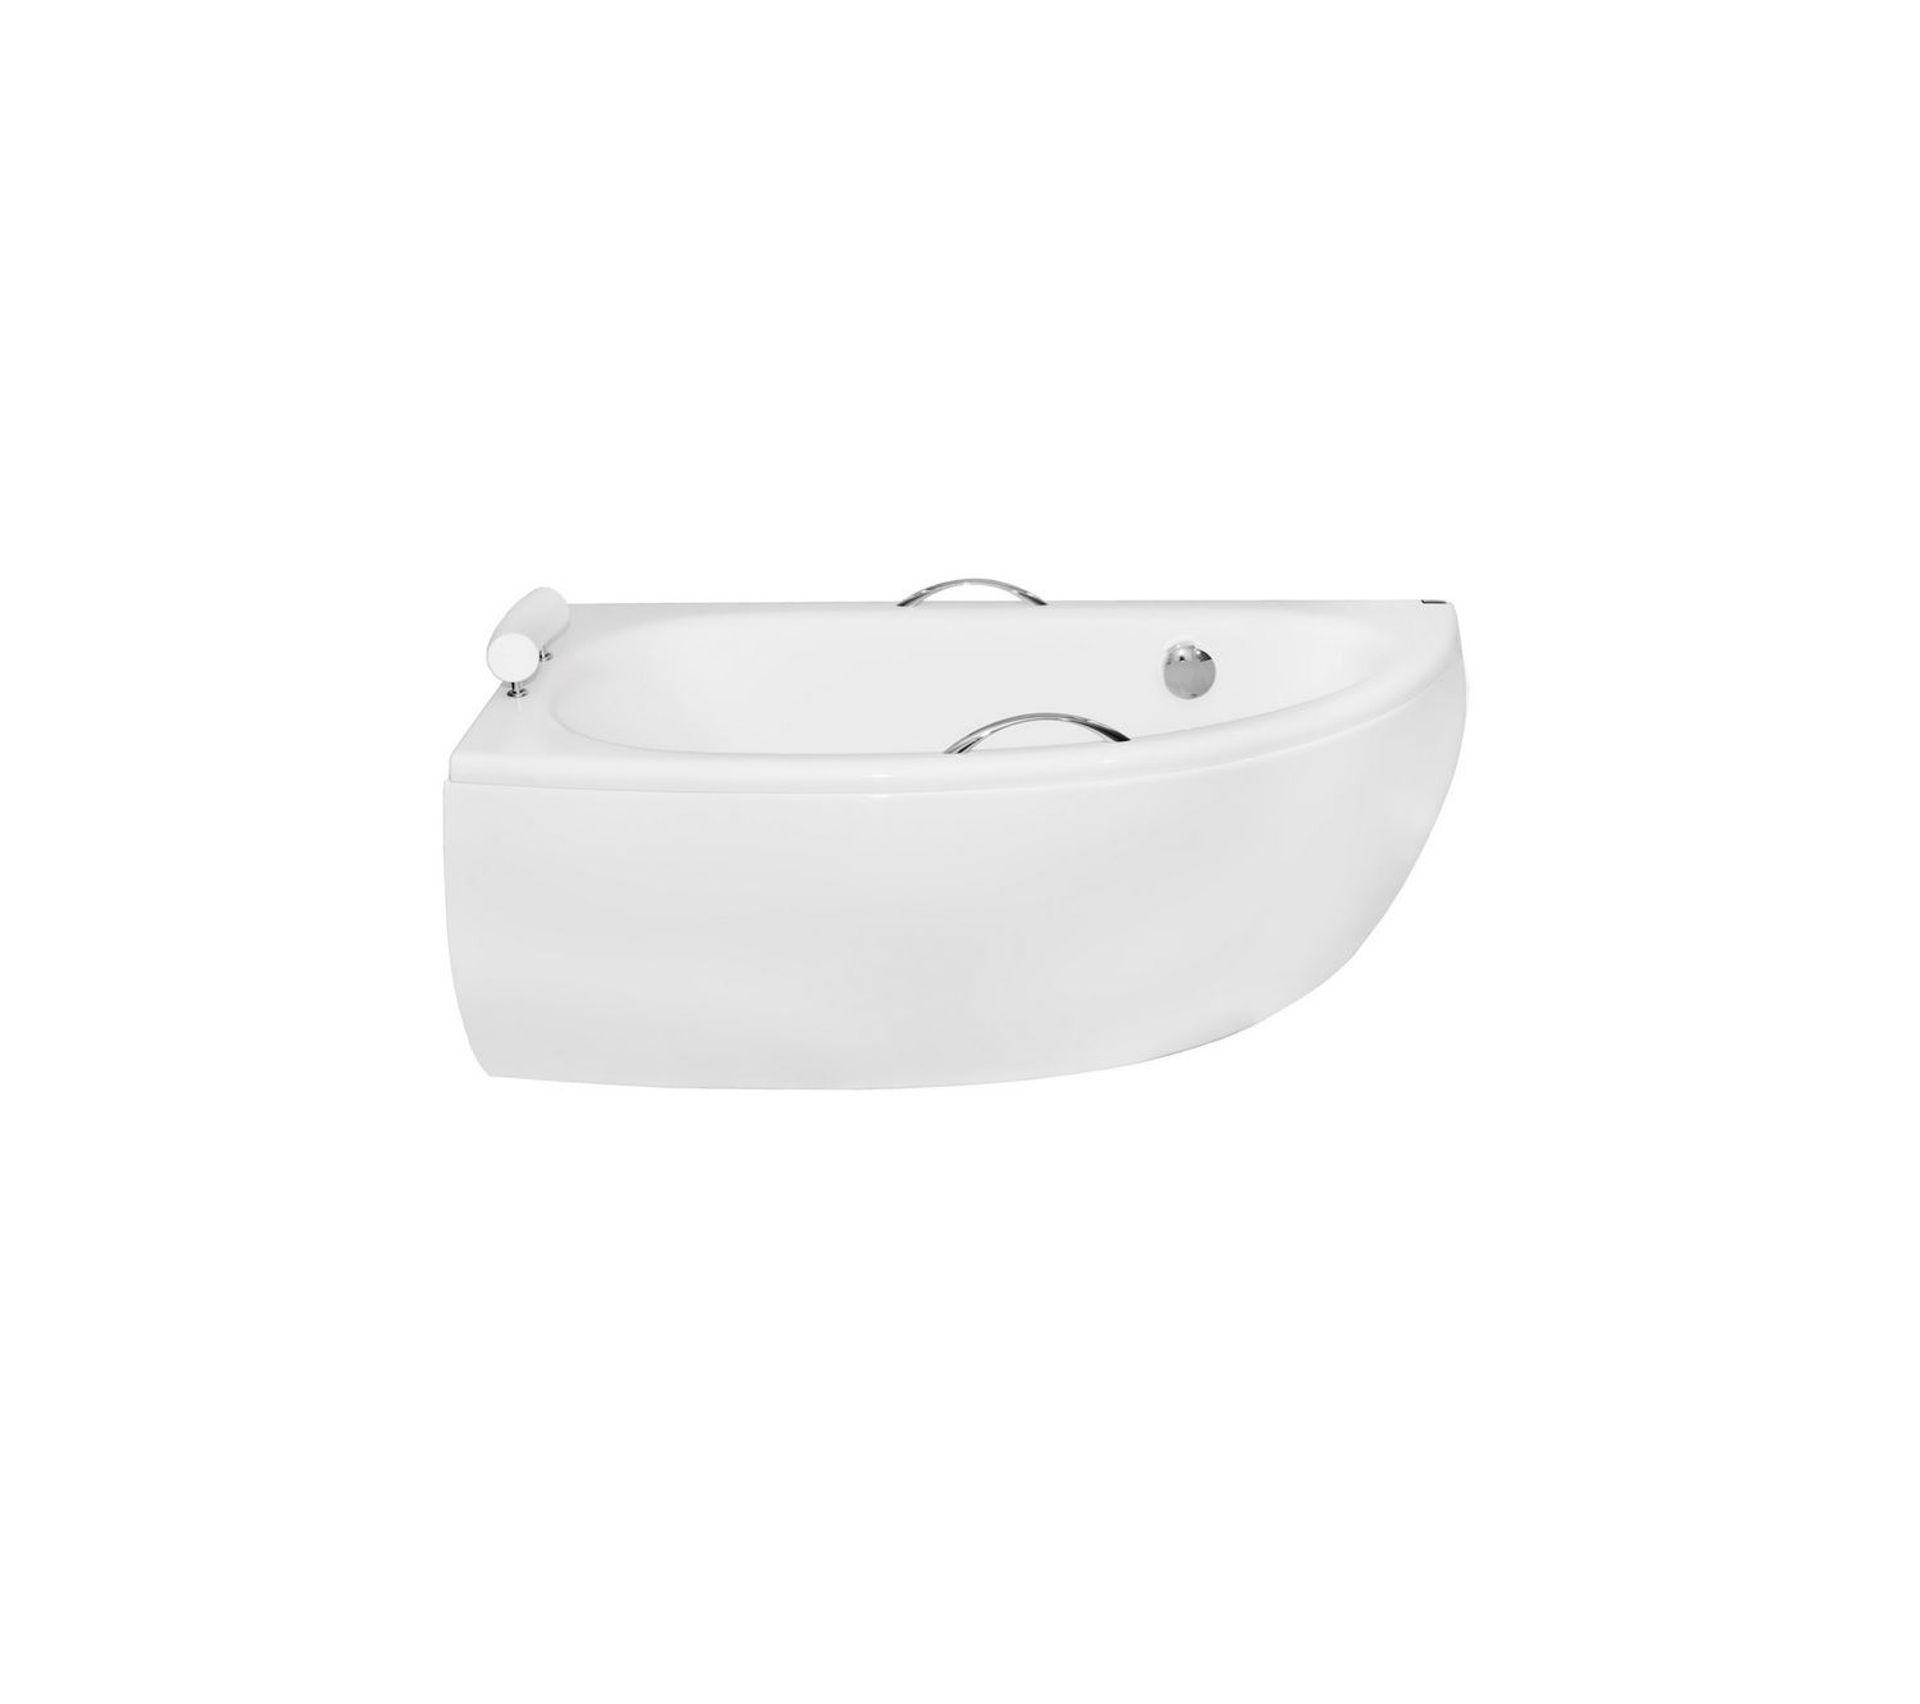 Decoration Tablier De Baignoire baignoire dangle marina angle droit ou gauche avec tablier - orientation:  gauche